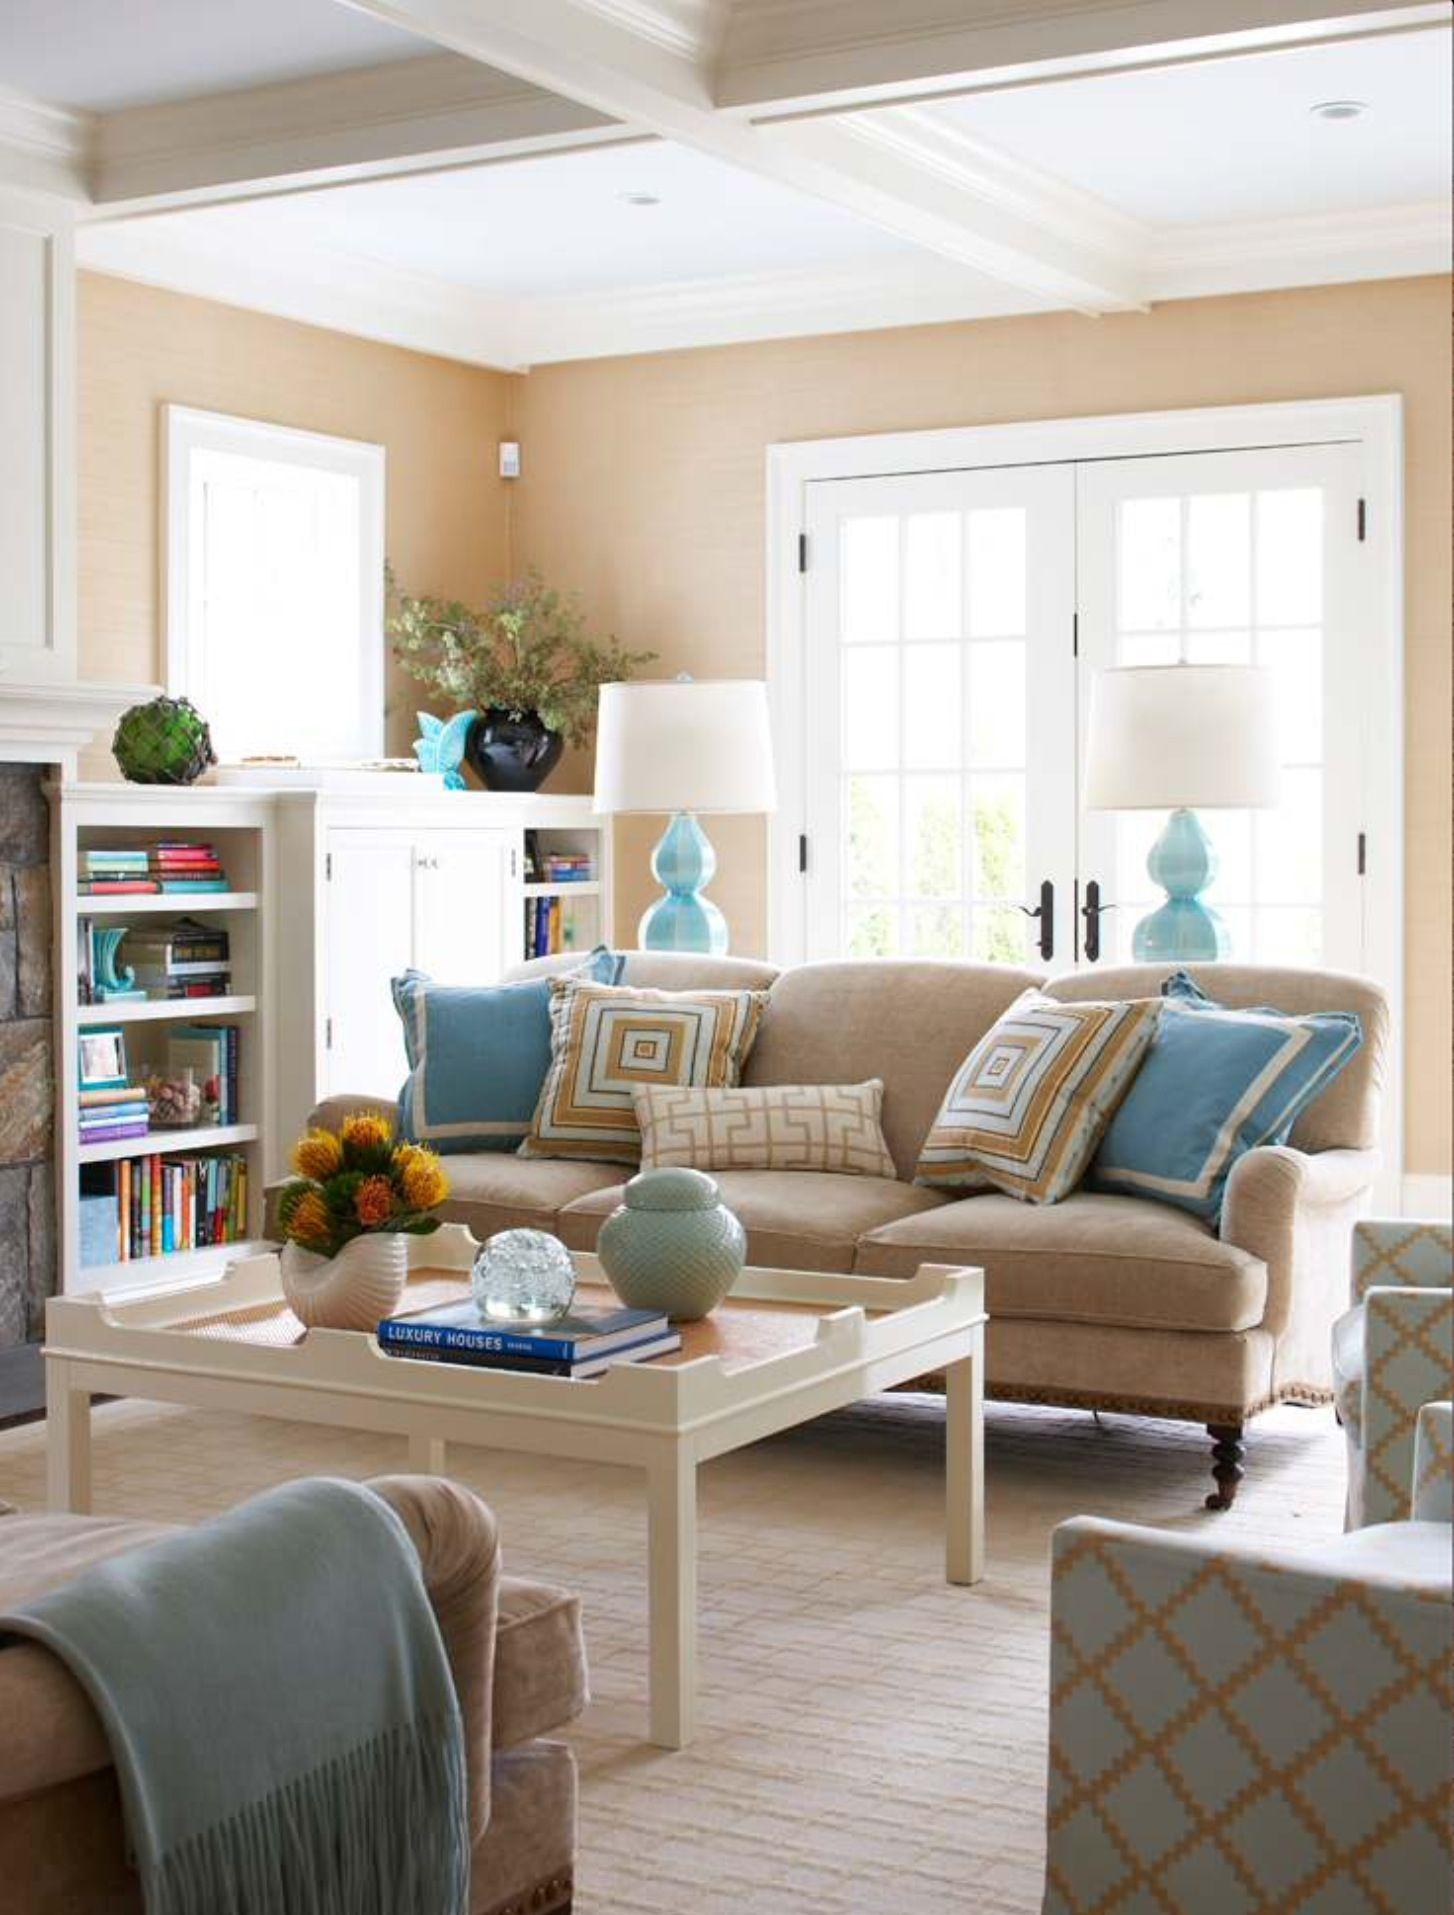 Einige Interessante Ideen Für Die Wohnzimmer Möbel Können Das Ganze  Aussehen Verändern.Jeder Einrichtungsstil Hat Eigene Vorteile Und